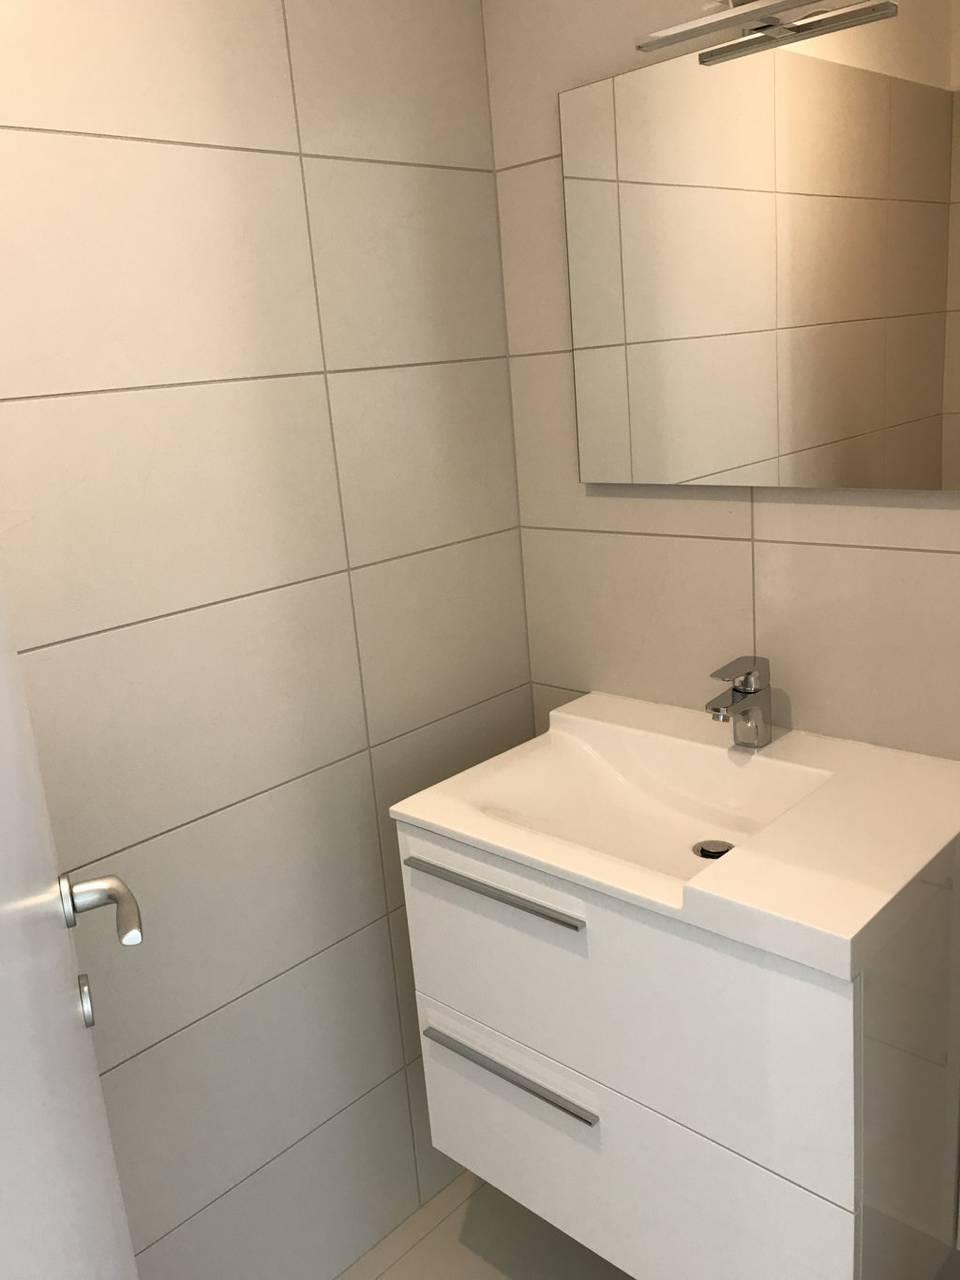 Appartamento-Loft-in-vendita-a-Agrate-Brianza-19